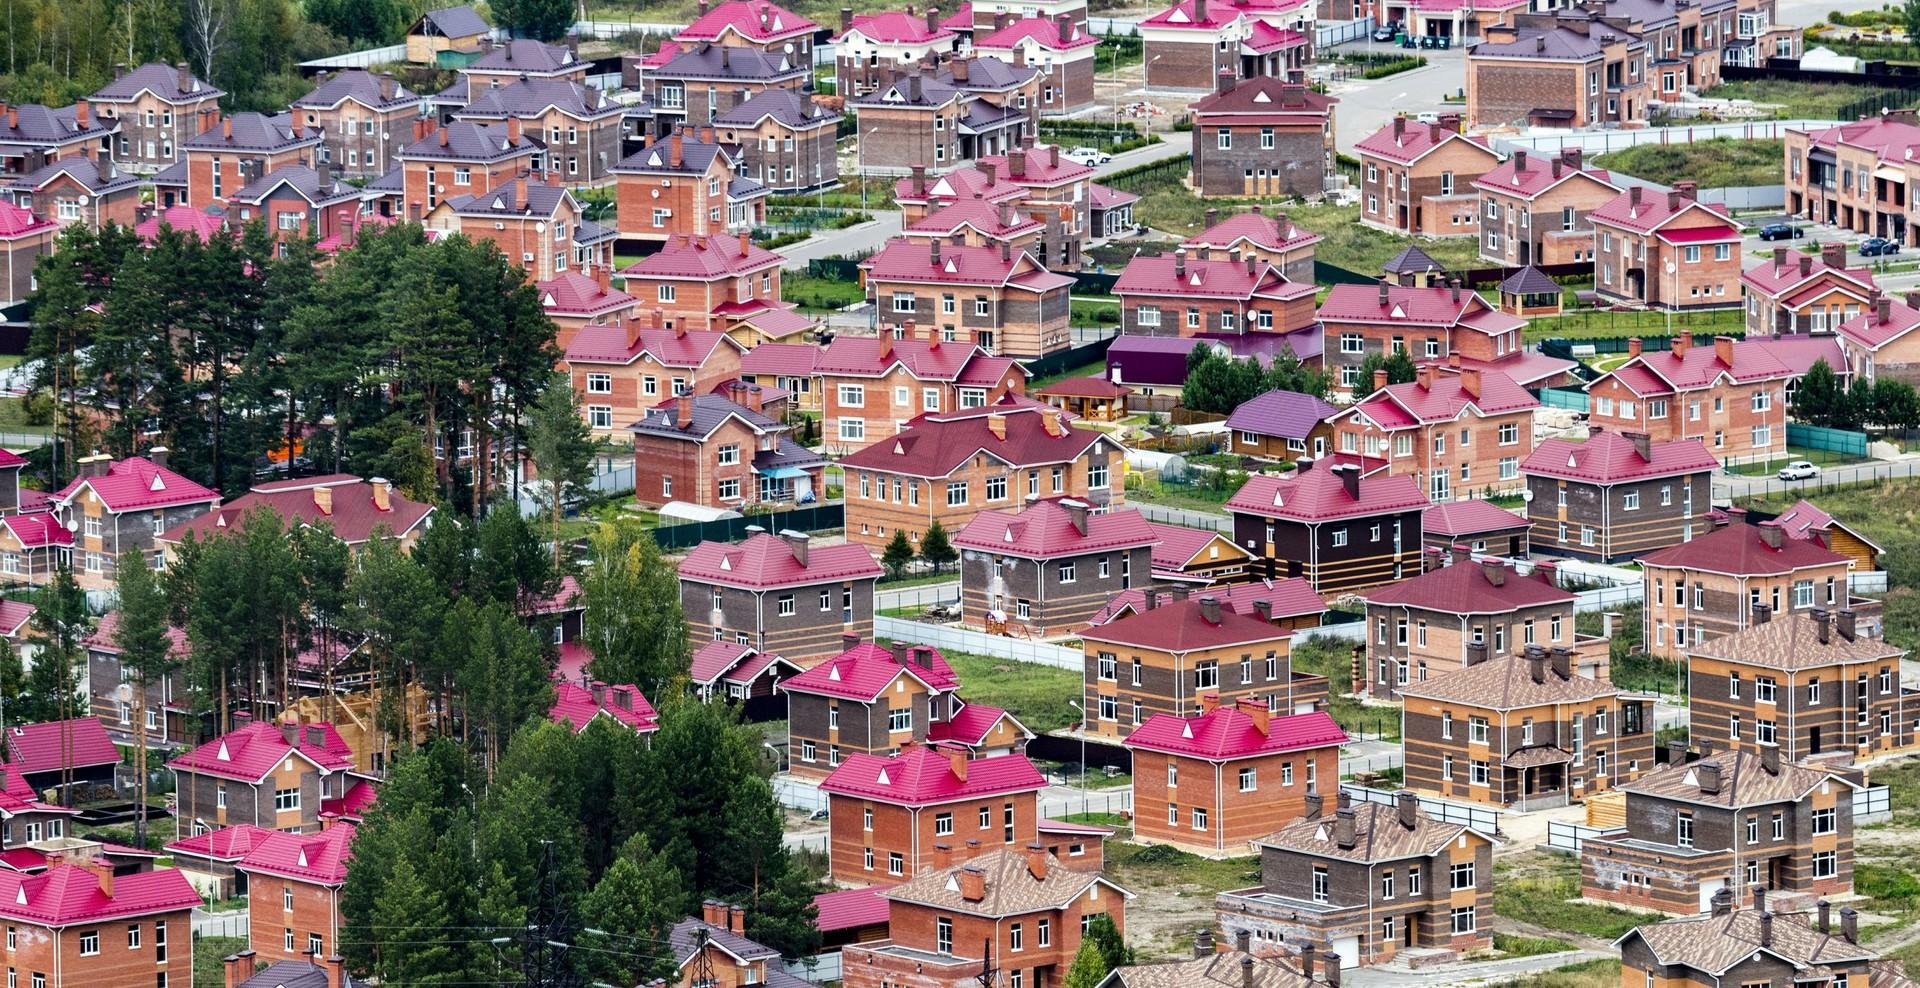 Pemandangan area permukiman di Tomsk dari atas.